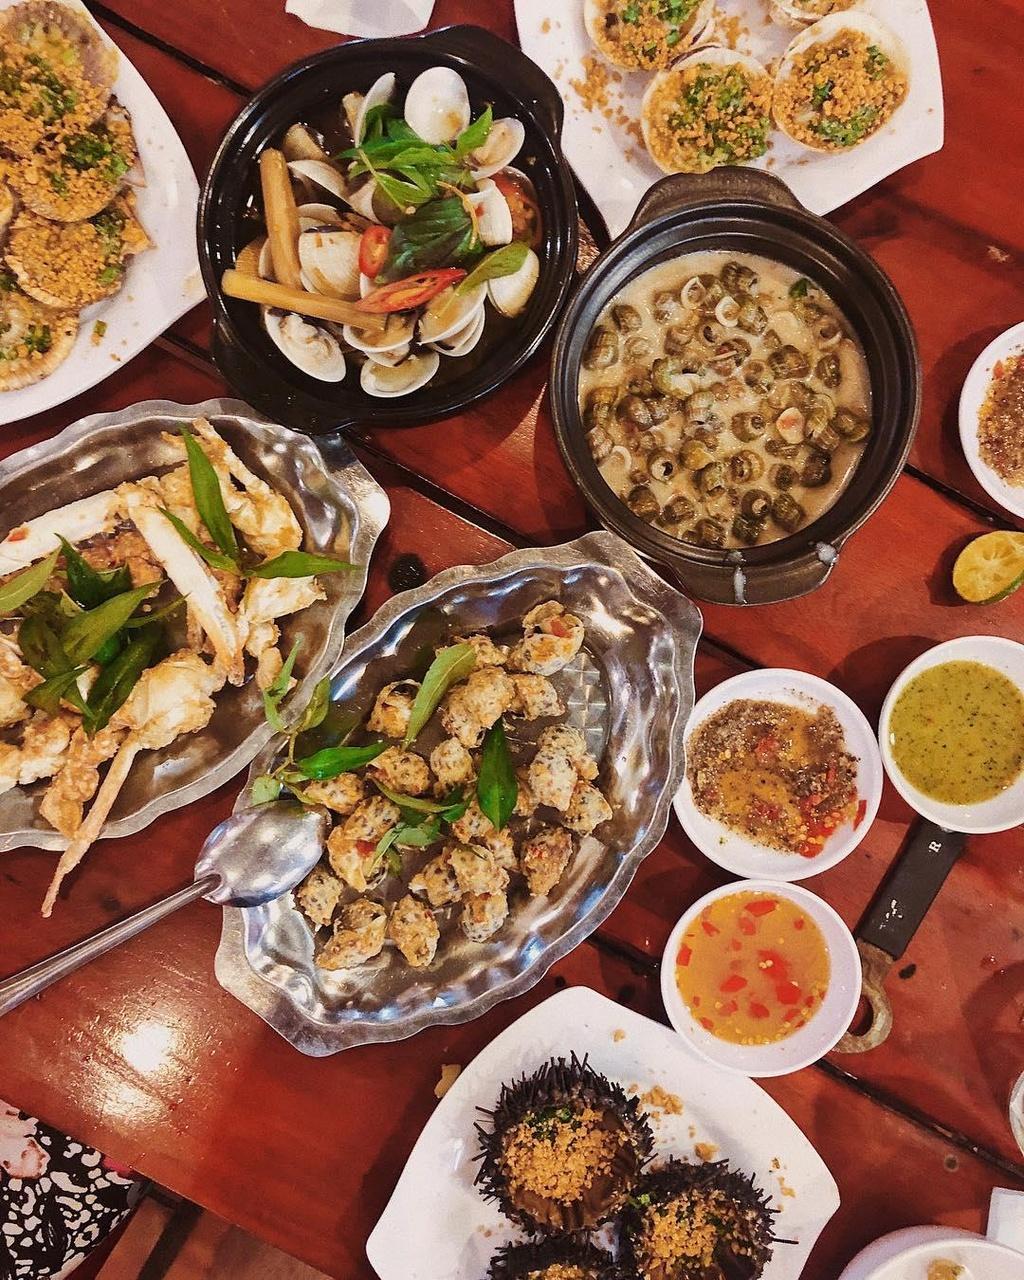 5 dia chi hai san noi tieng bao ngon, gia dep o Phu Quoc hinh anh 10 5 địa chỉ hải sản nổi tiếng bao ngon, giá đẹp ở Phú Quốc - wandytwan - 5 địa chỉ hải sản nổi tiếng bao ngon, giá đẹp ở Phú Quốc